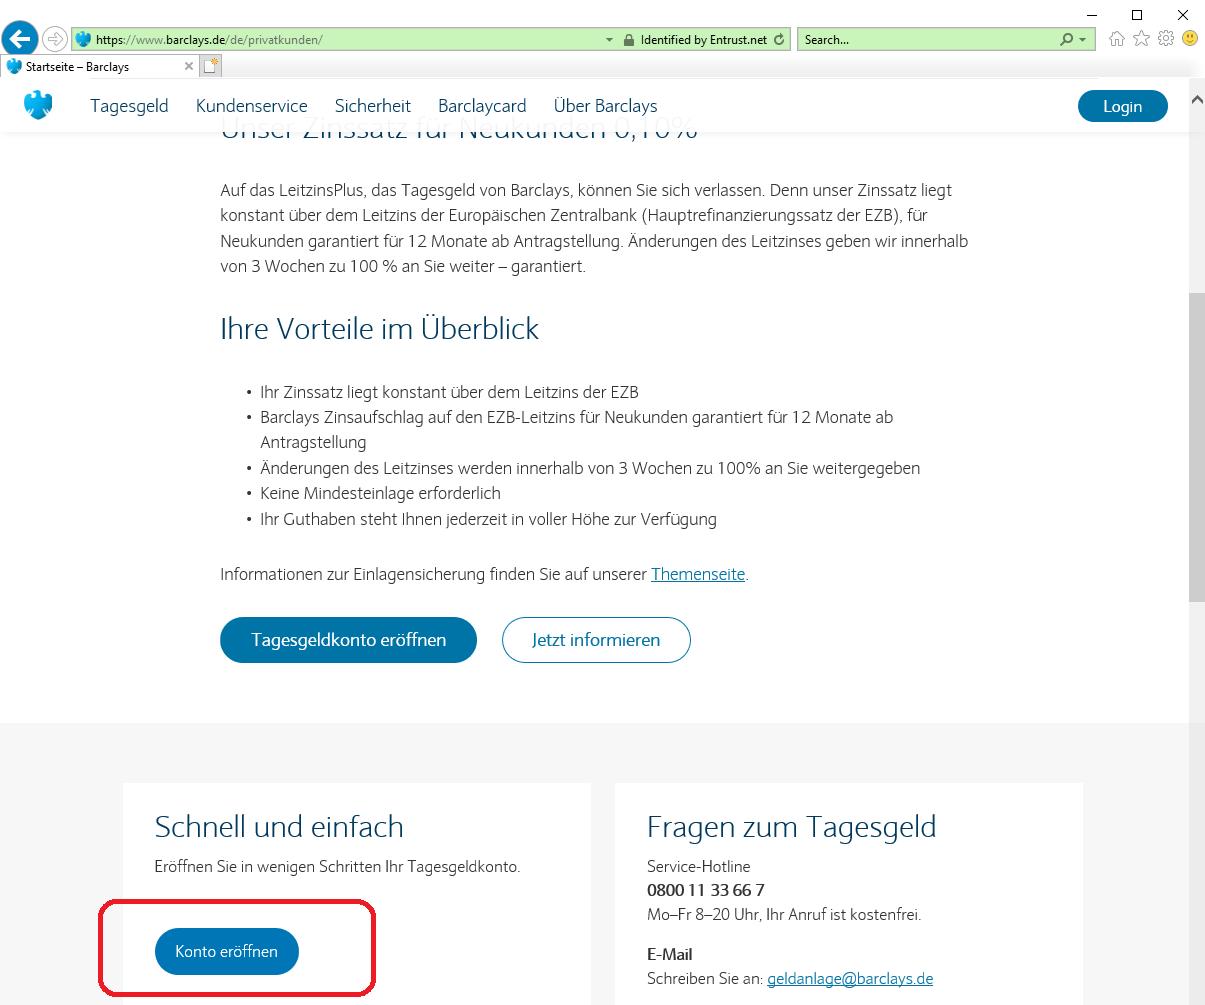 barclays deutschland online banken konto eroeffnen